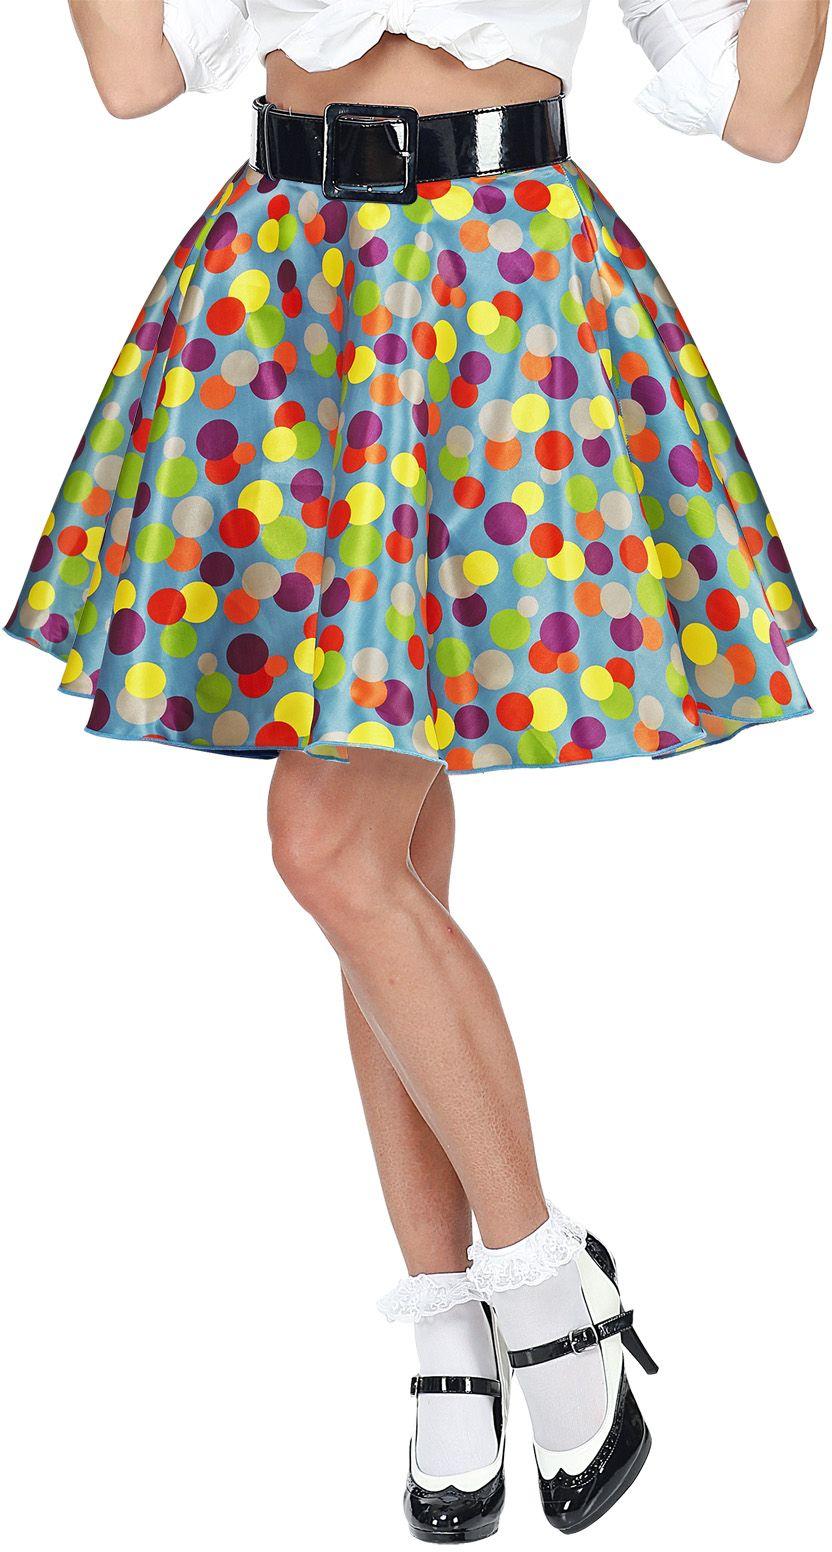 Meerkleurige jaren 50 rok One-size-volwassenen